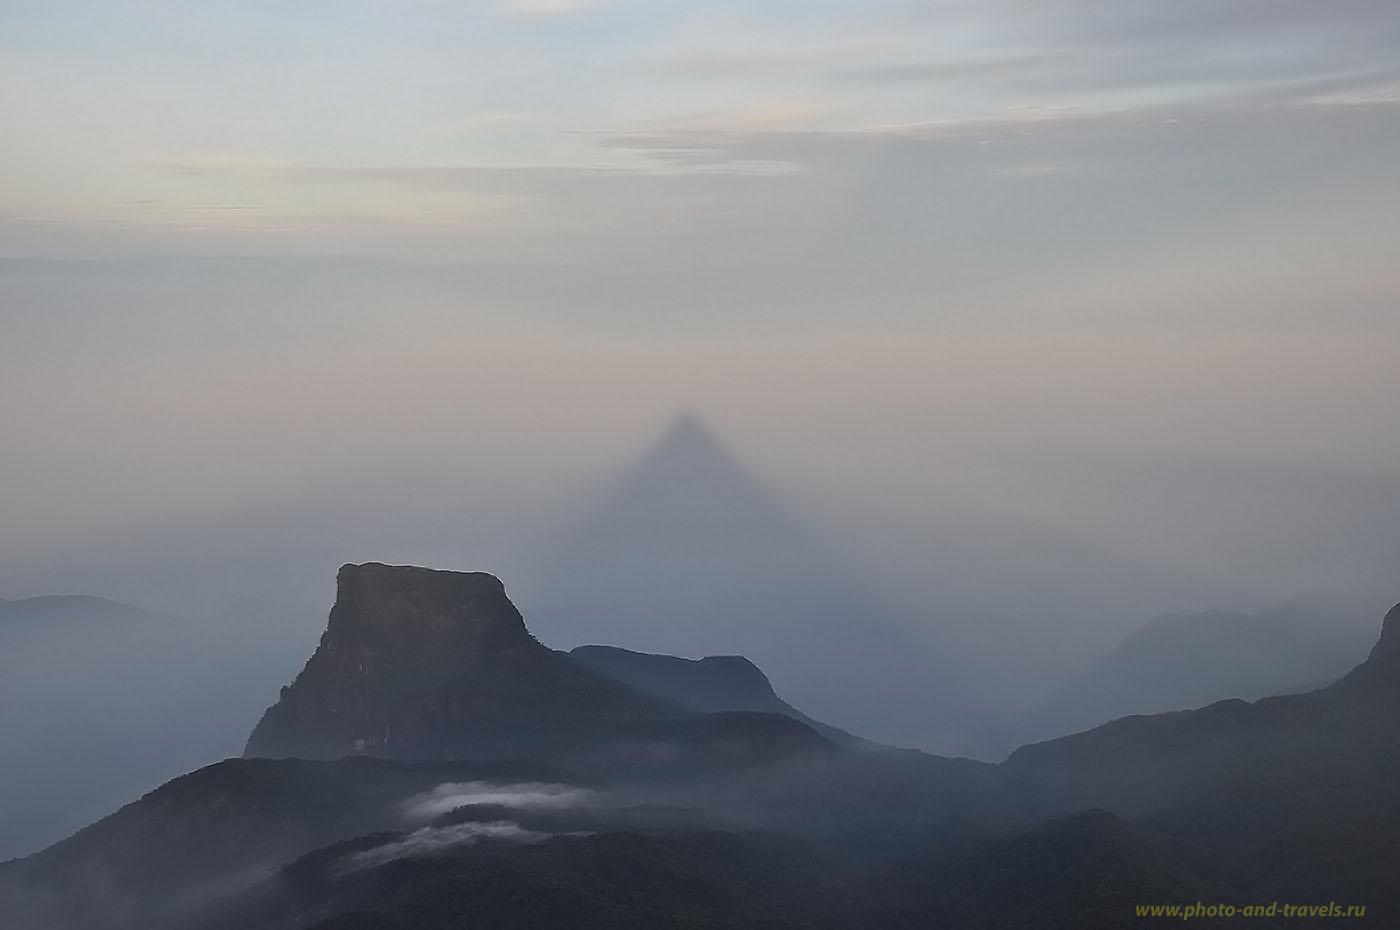 Фотография 4. Шри-Ланка отзывы туристов. Европейцы любят подниматься на Пик Адама, чтобы запечатлеть треугольную тень горы, создаваемую утренним солнцем.